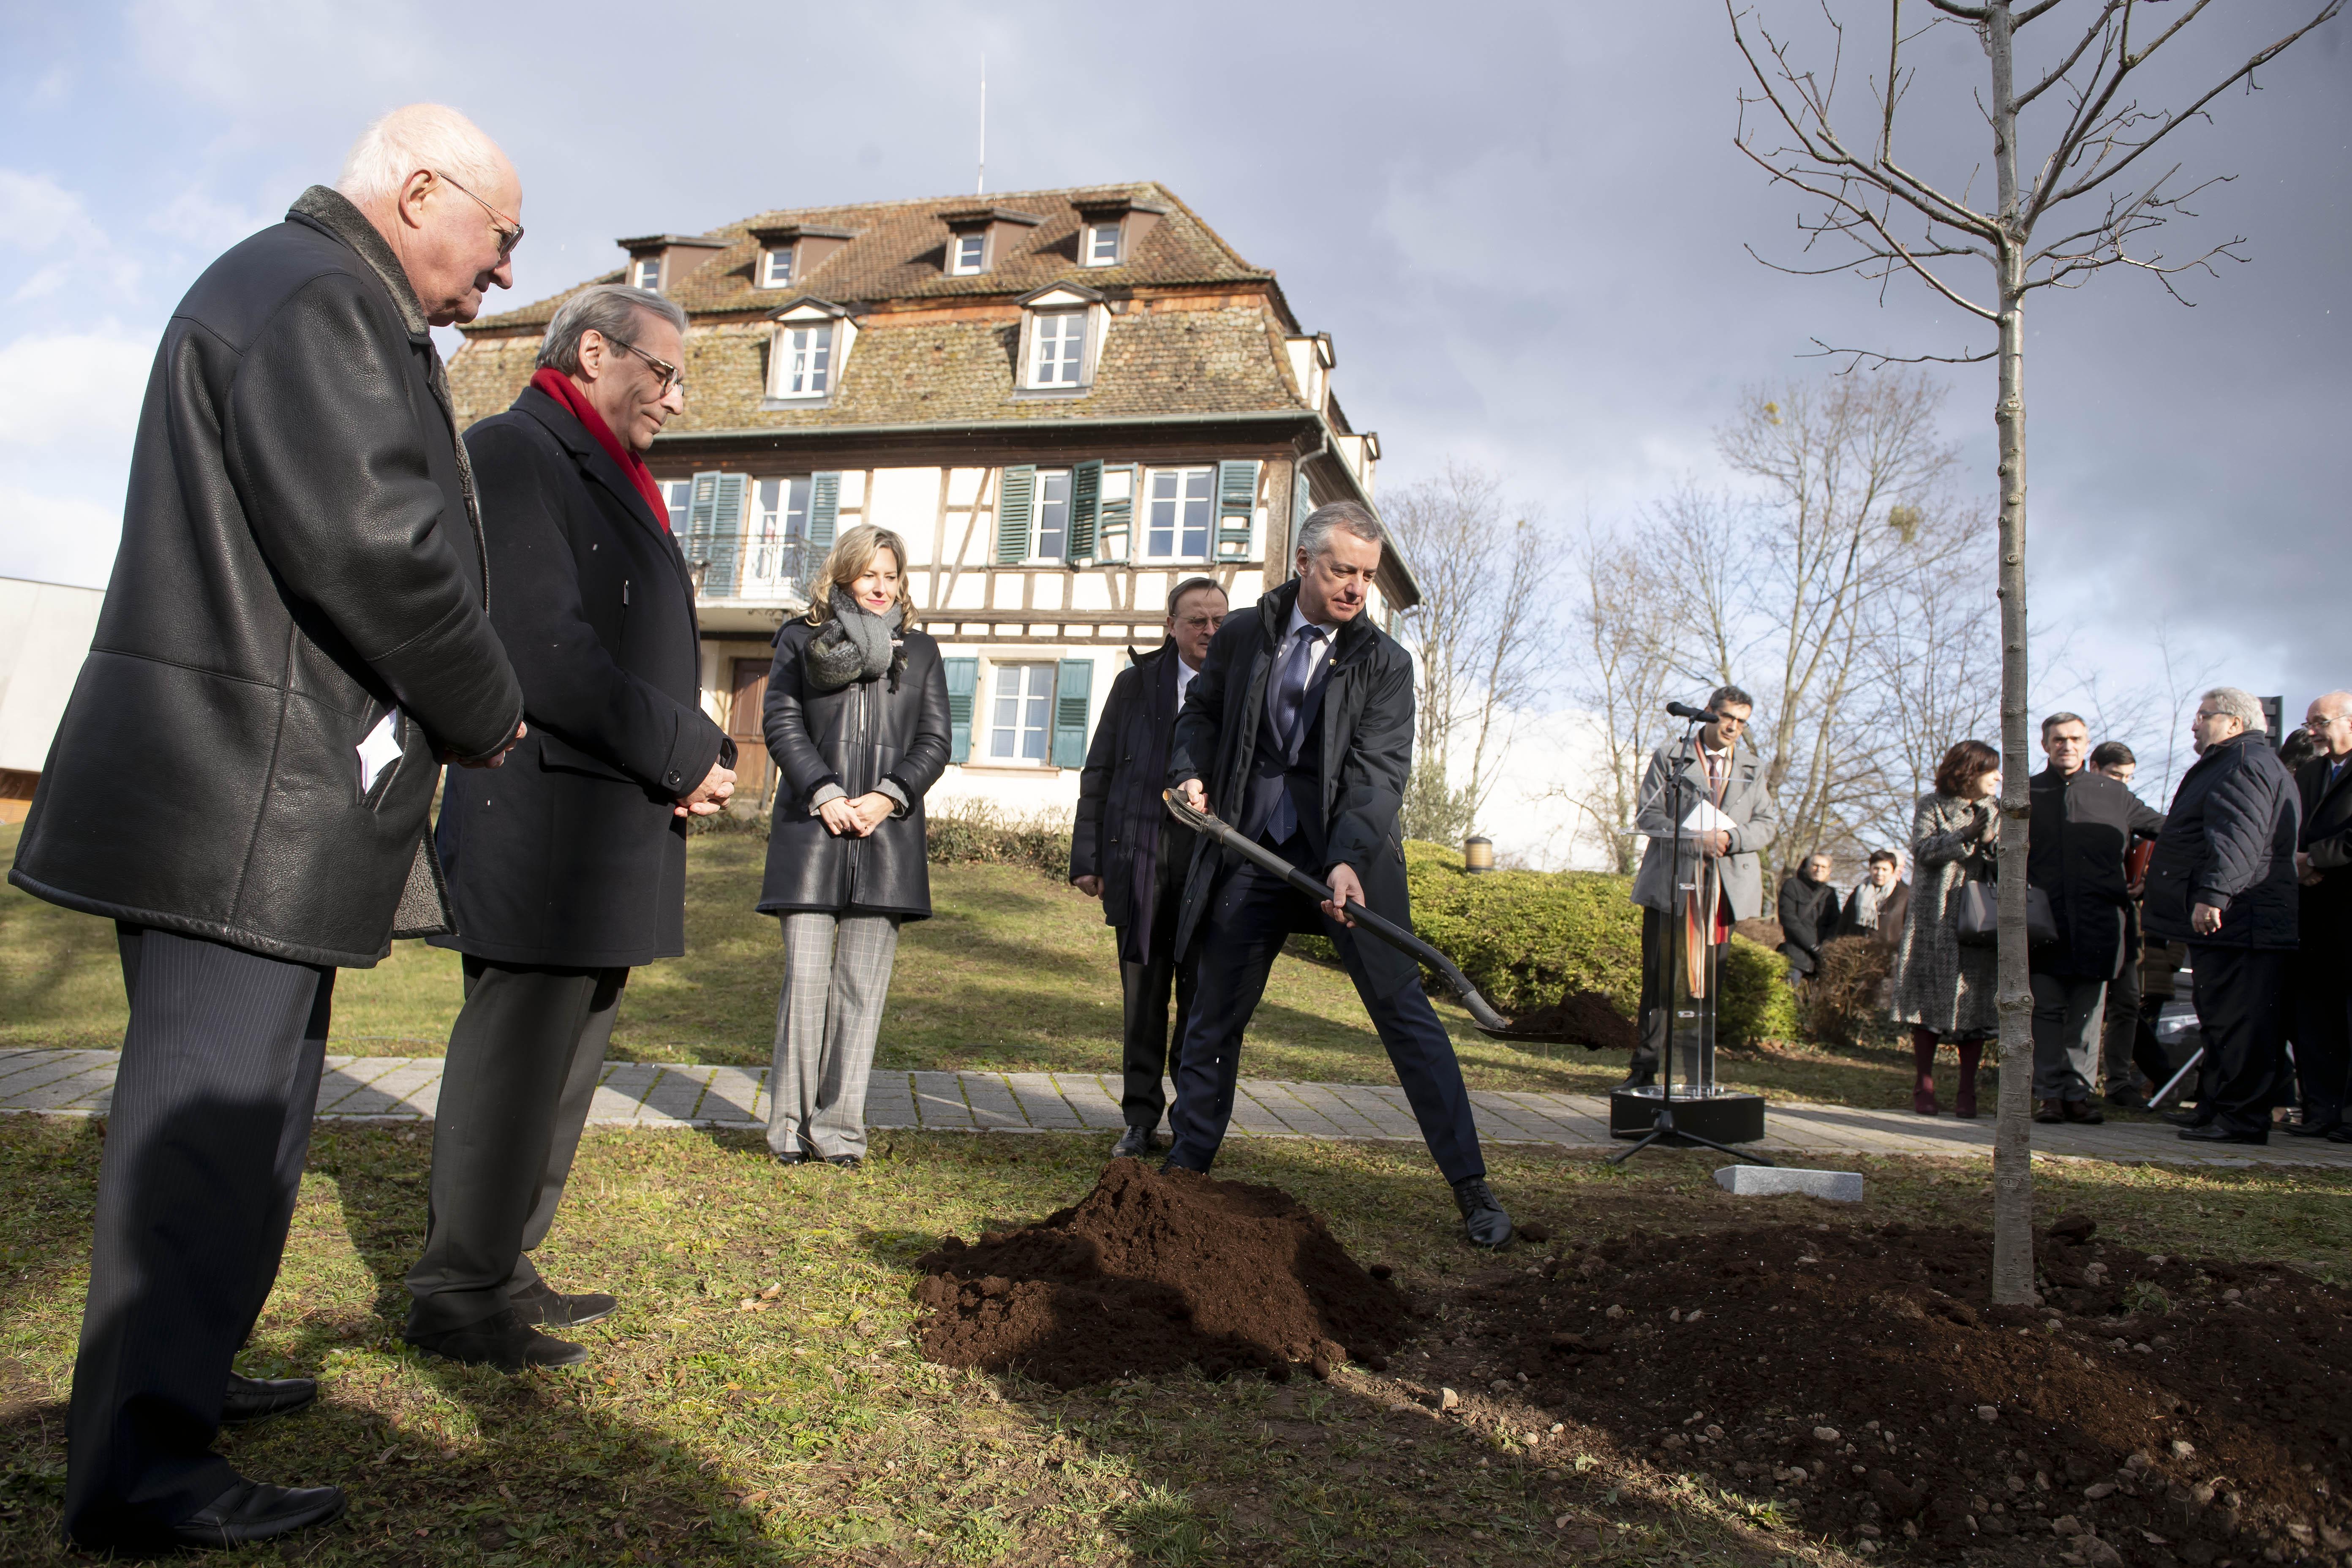 El Lehendakari participa en Estrasburgo en la plantación de un retoño del árbol de Gernika en el Instituto Internacional de Derechos Humanos René Cassin